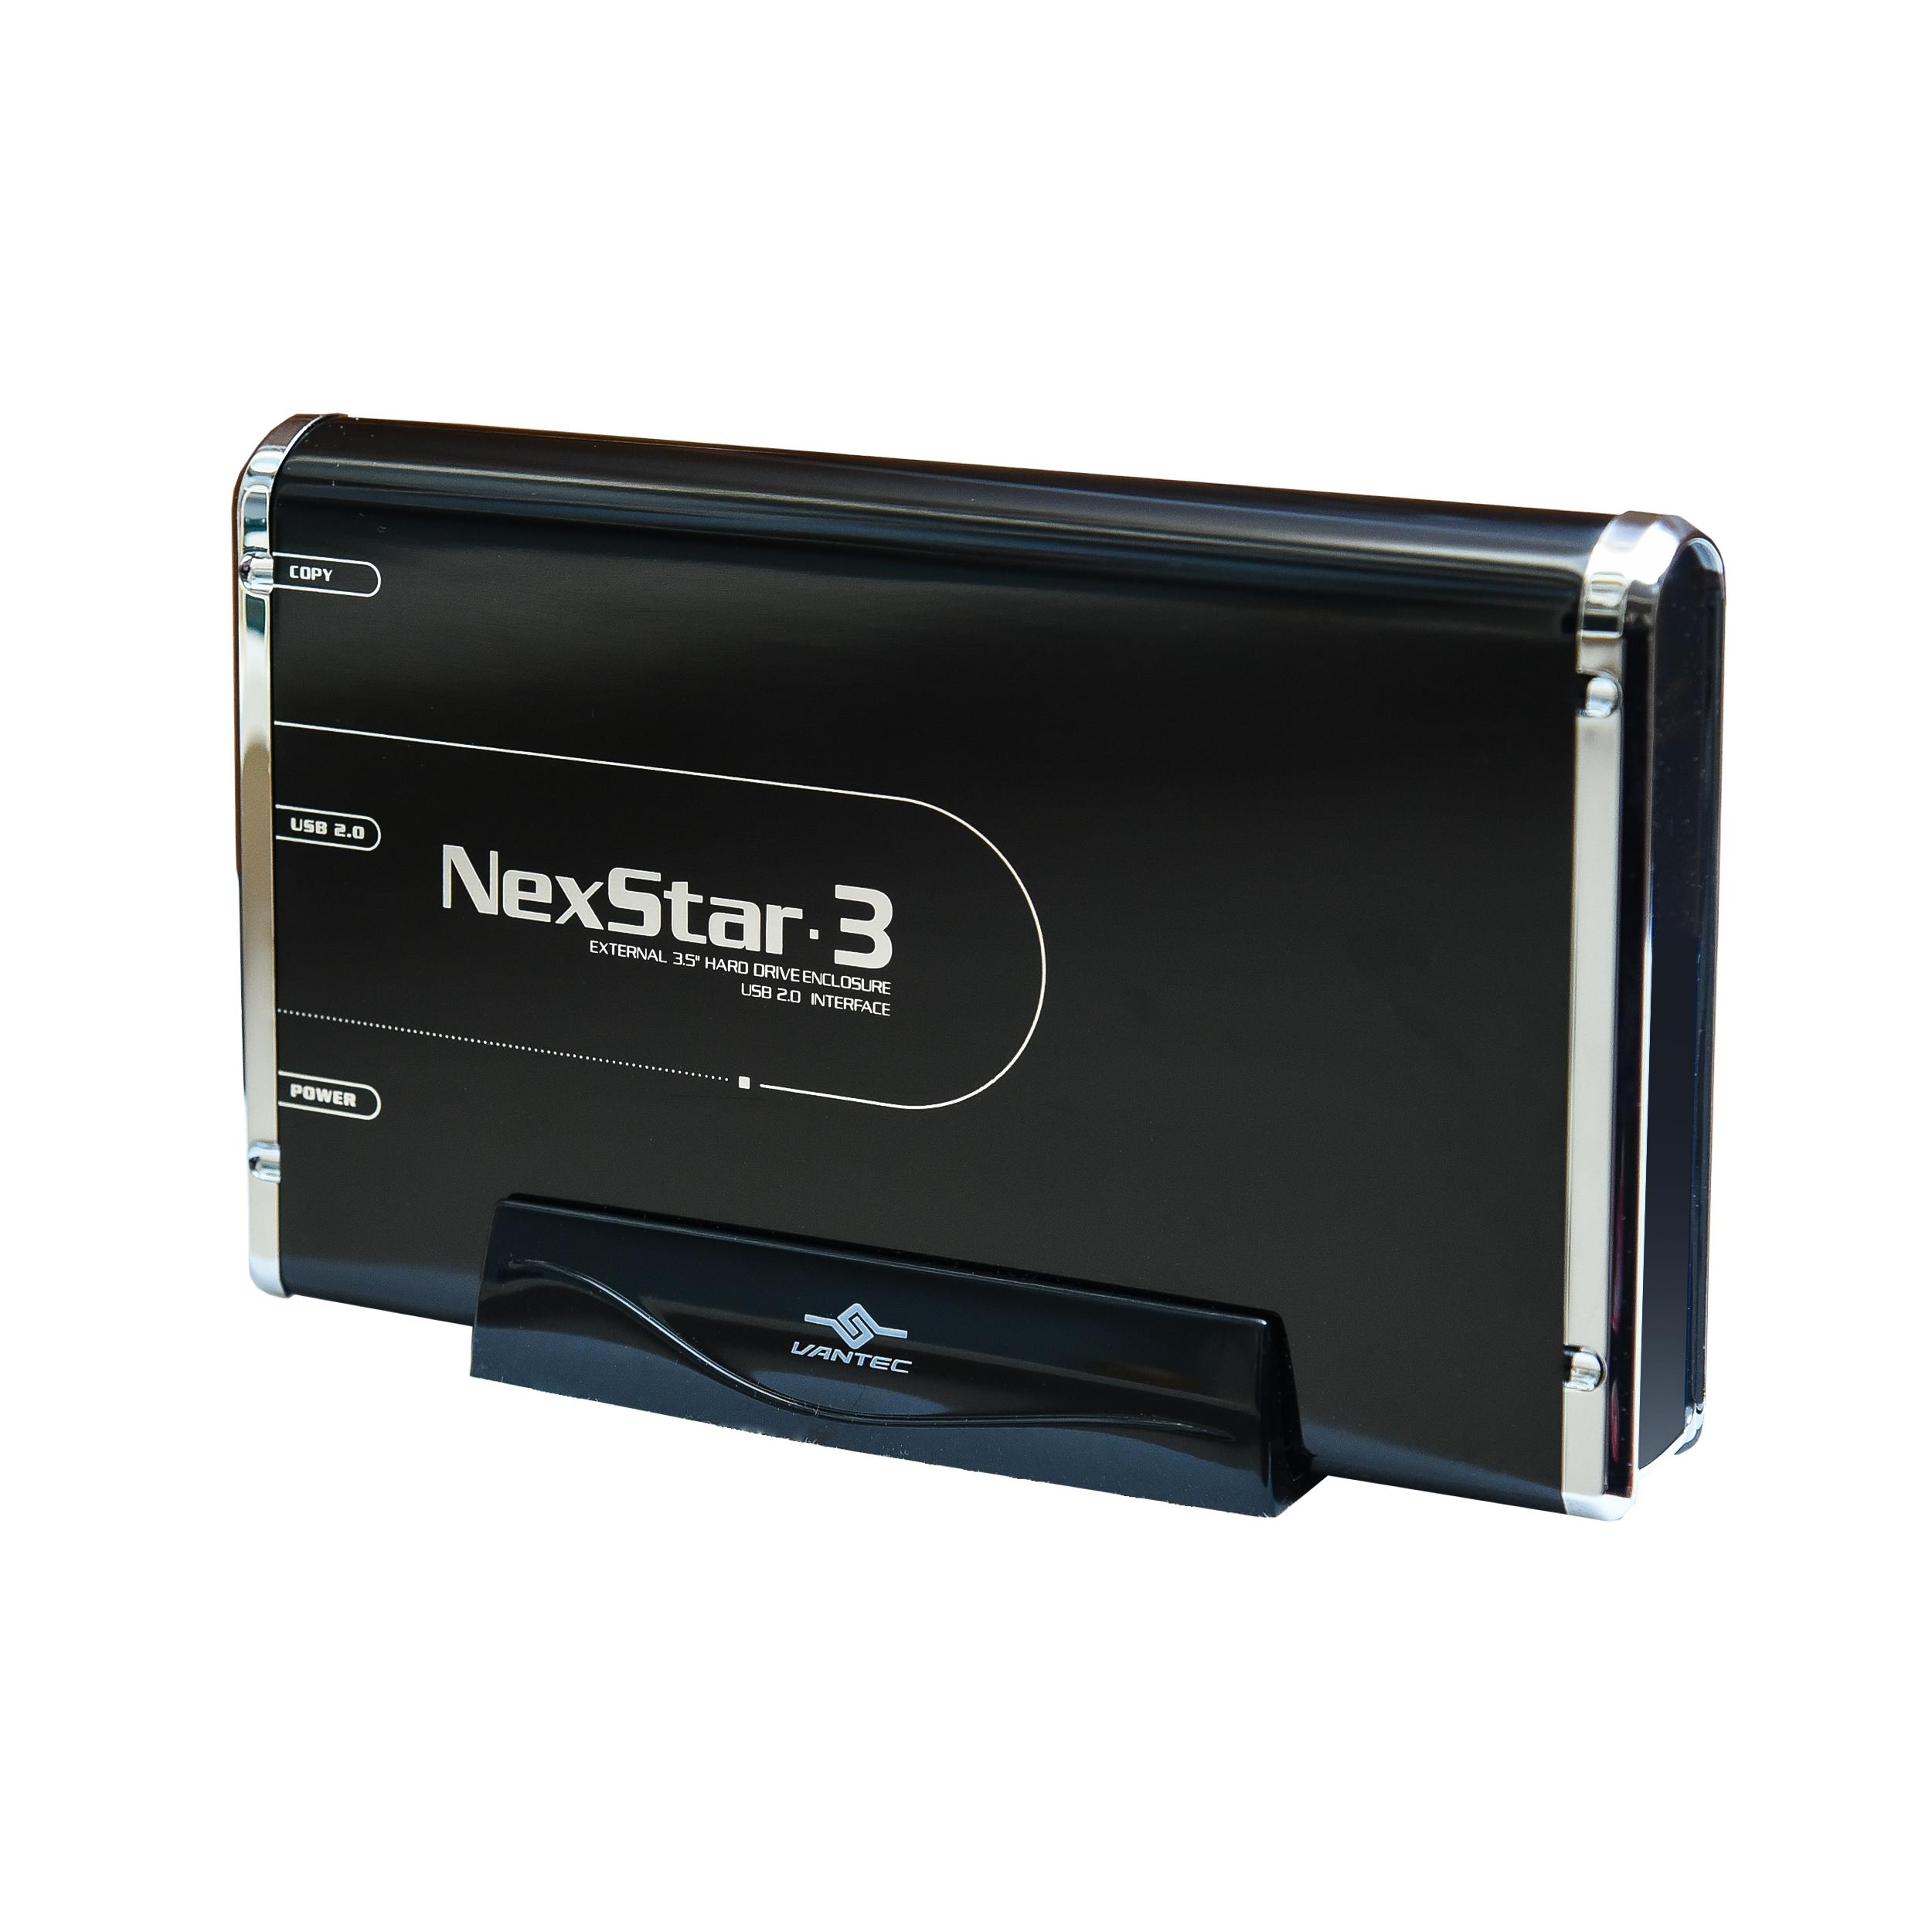 باکس اکسترنال تبدیل SATA به USB 2.0 هاردیسک 3.5 اینچ ون تک مدل  NexStar.3 NST-360S2